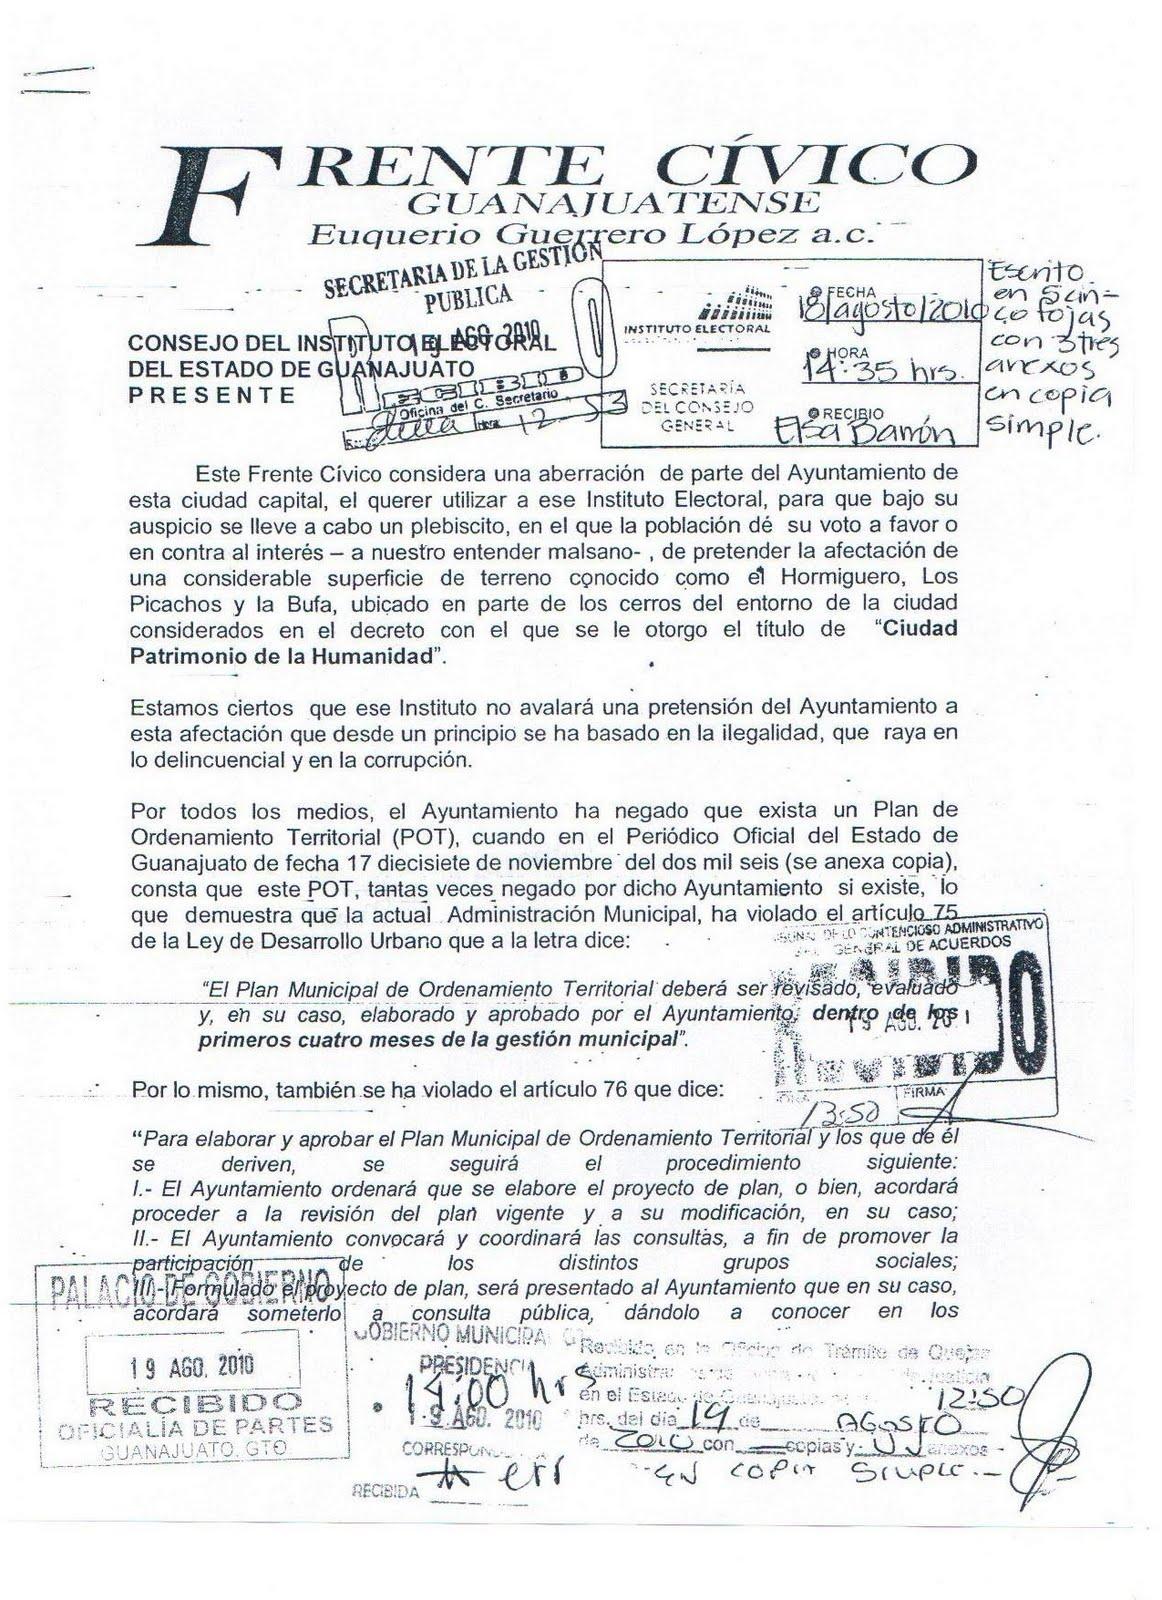 Plebiscito Guanajuato Bufa